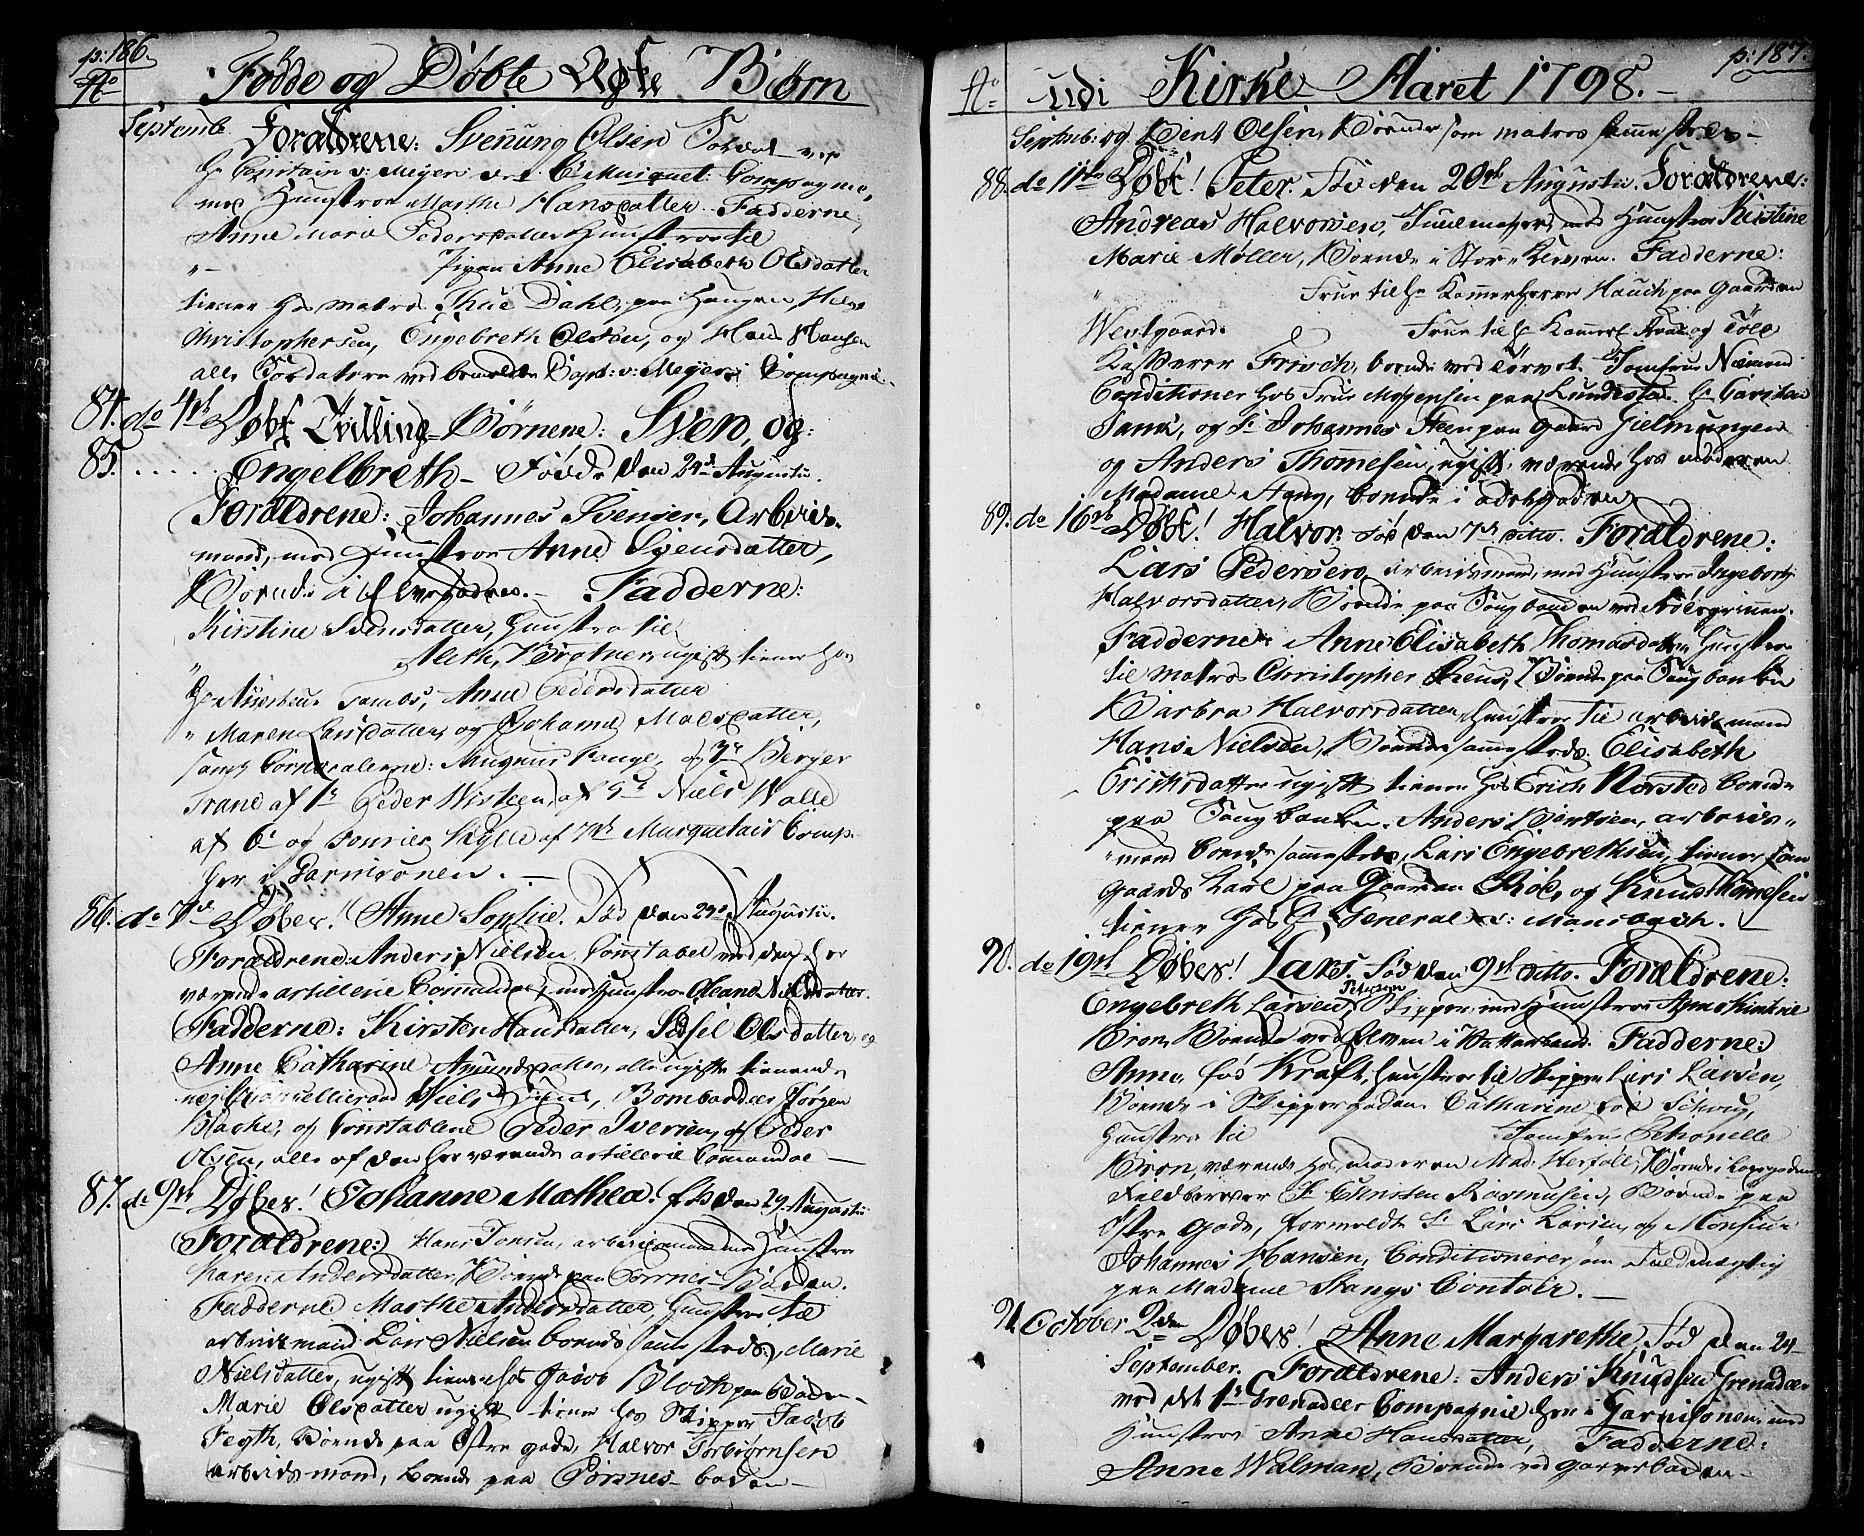 SAO, Halden prestekontor Kirkebøker, F/Fa/L0002: Ministerialbok nr. I 2, 1792-1812, s. 186-187